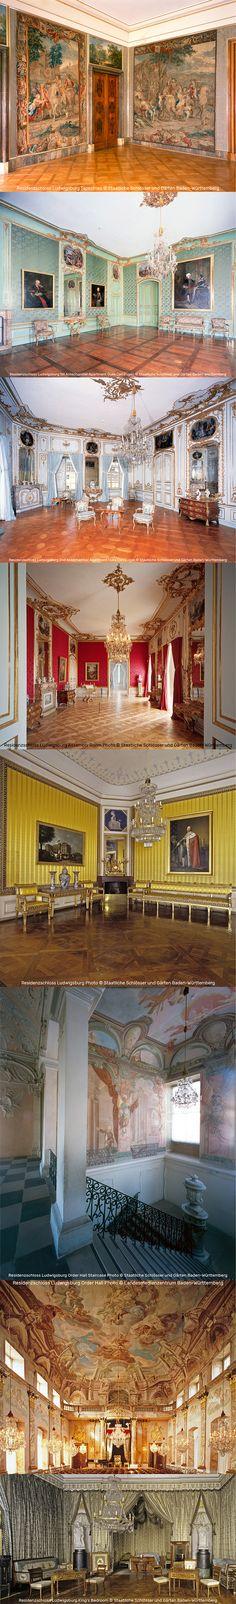 Baroque, Rococo, and Neoclassical Interiors in the Residenzschloss Ludwigsburg | Photos by Staatliche Schlösser und Gärten Baden-Württemberg & Landesmedienzentrum Baden-Württemberg